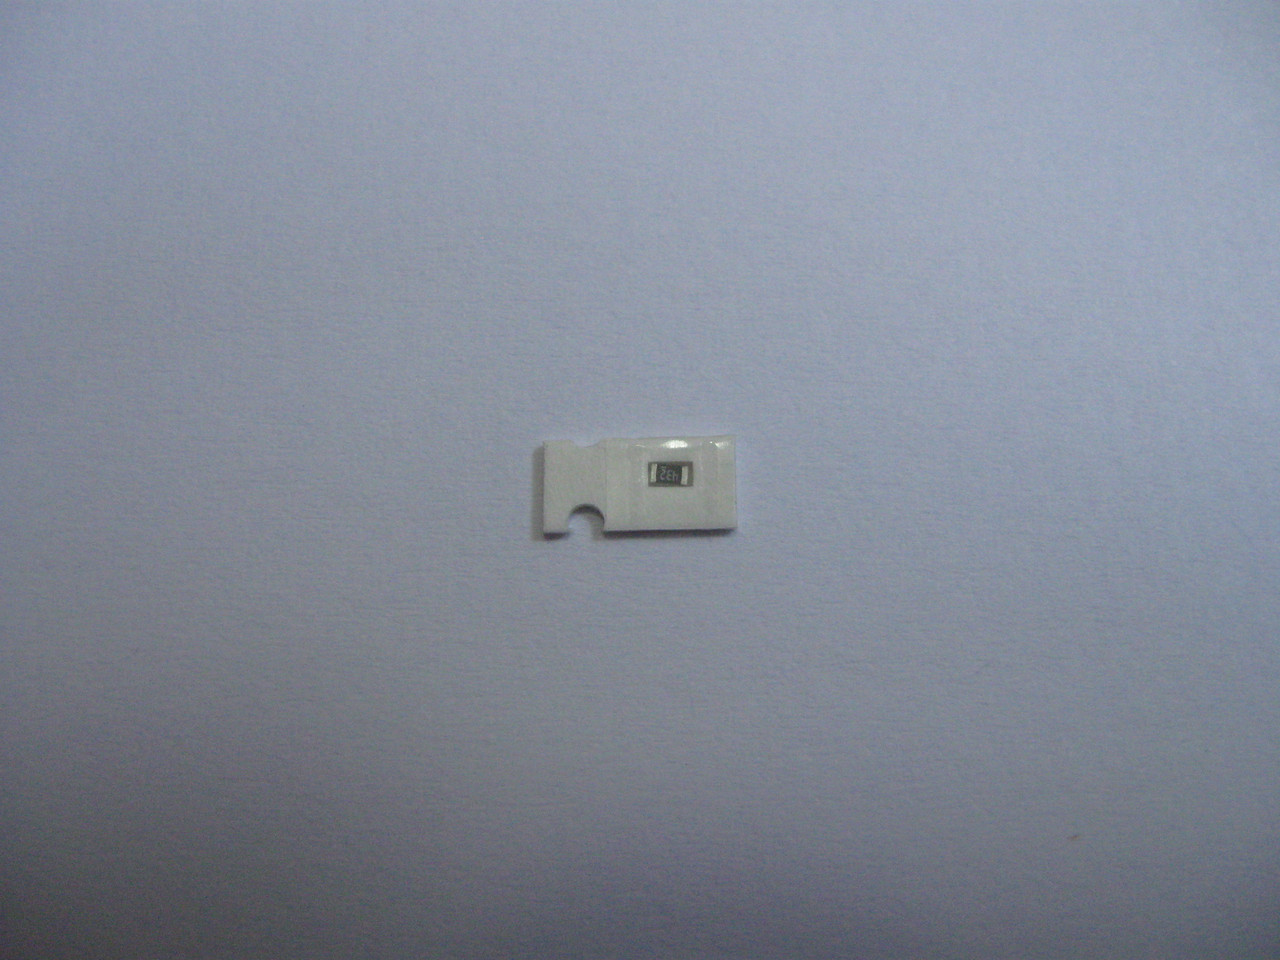 Резистор блока питания бытовой техники Samsung 2007-000857A